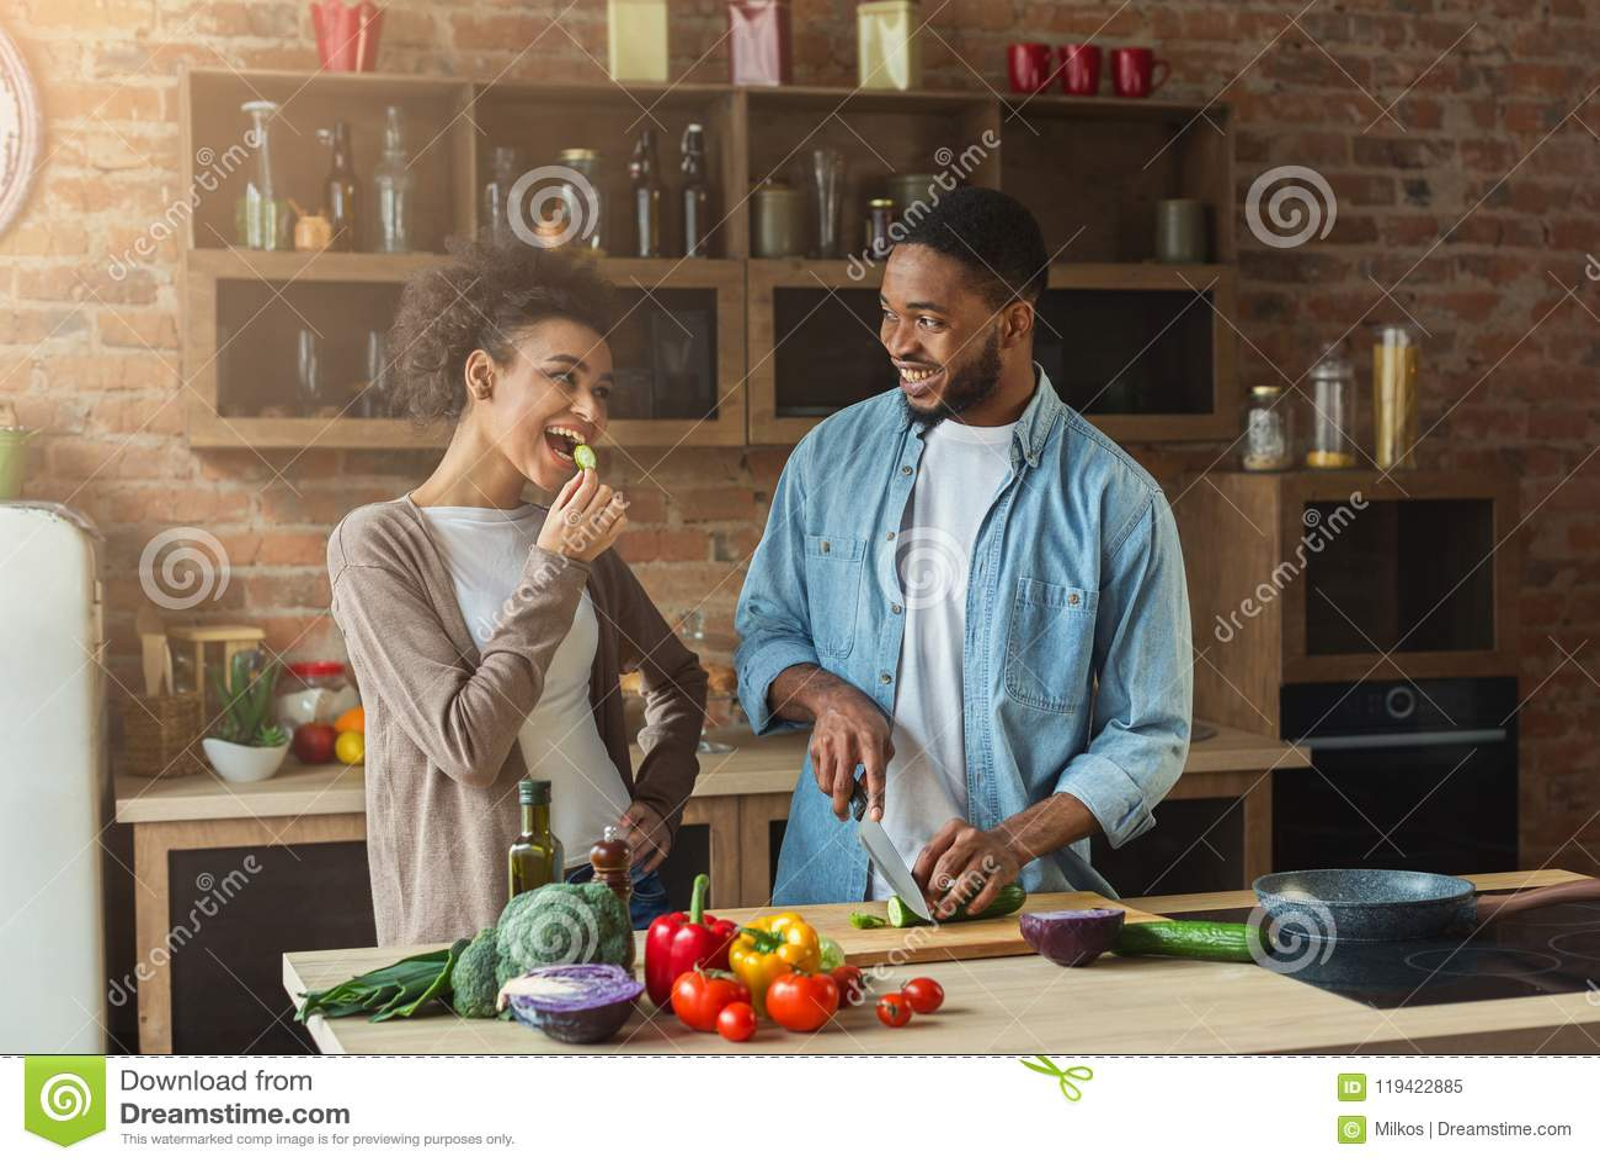 Het gelukkige Afrikaans-Amerikaanse paar koken in zolderkeuken